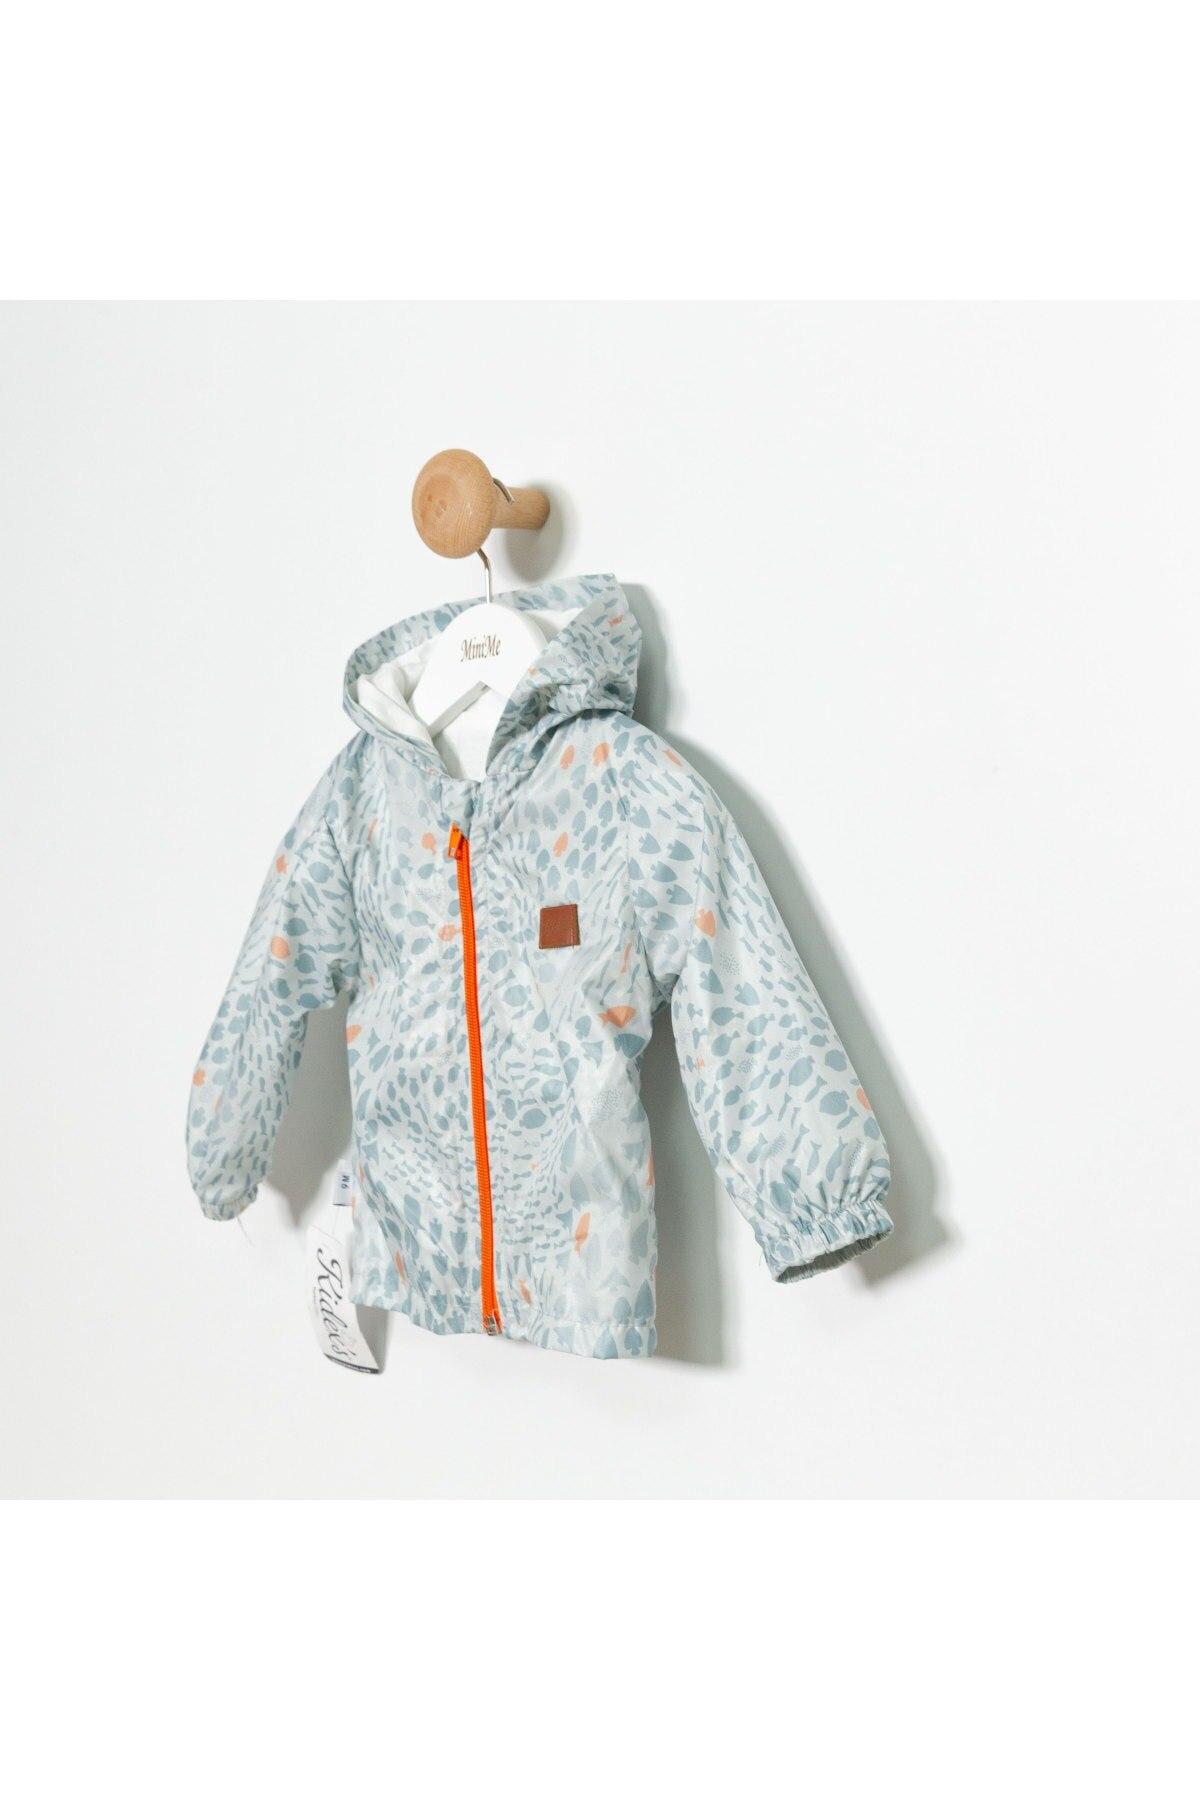 Fish Patterned Raincoat 3 Pcs Suit MZ018